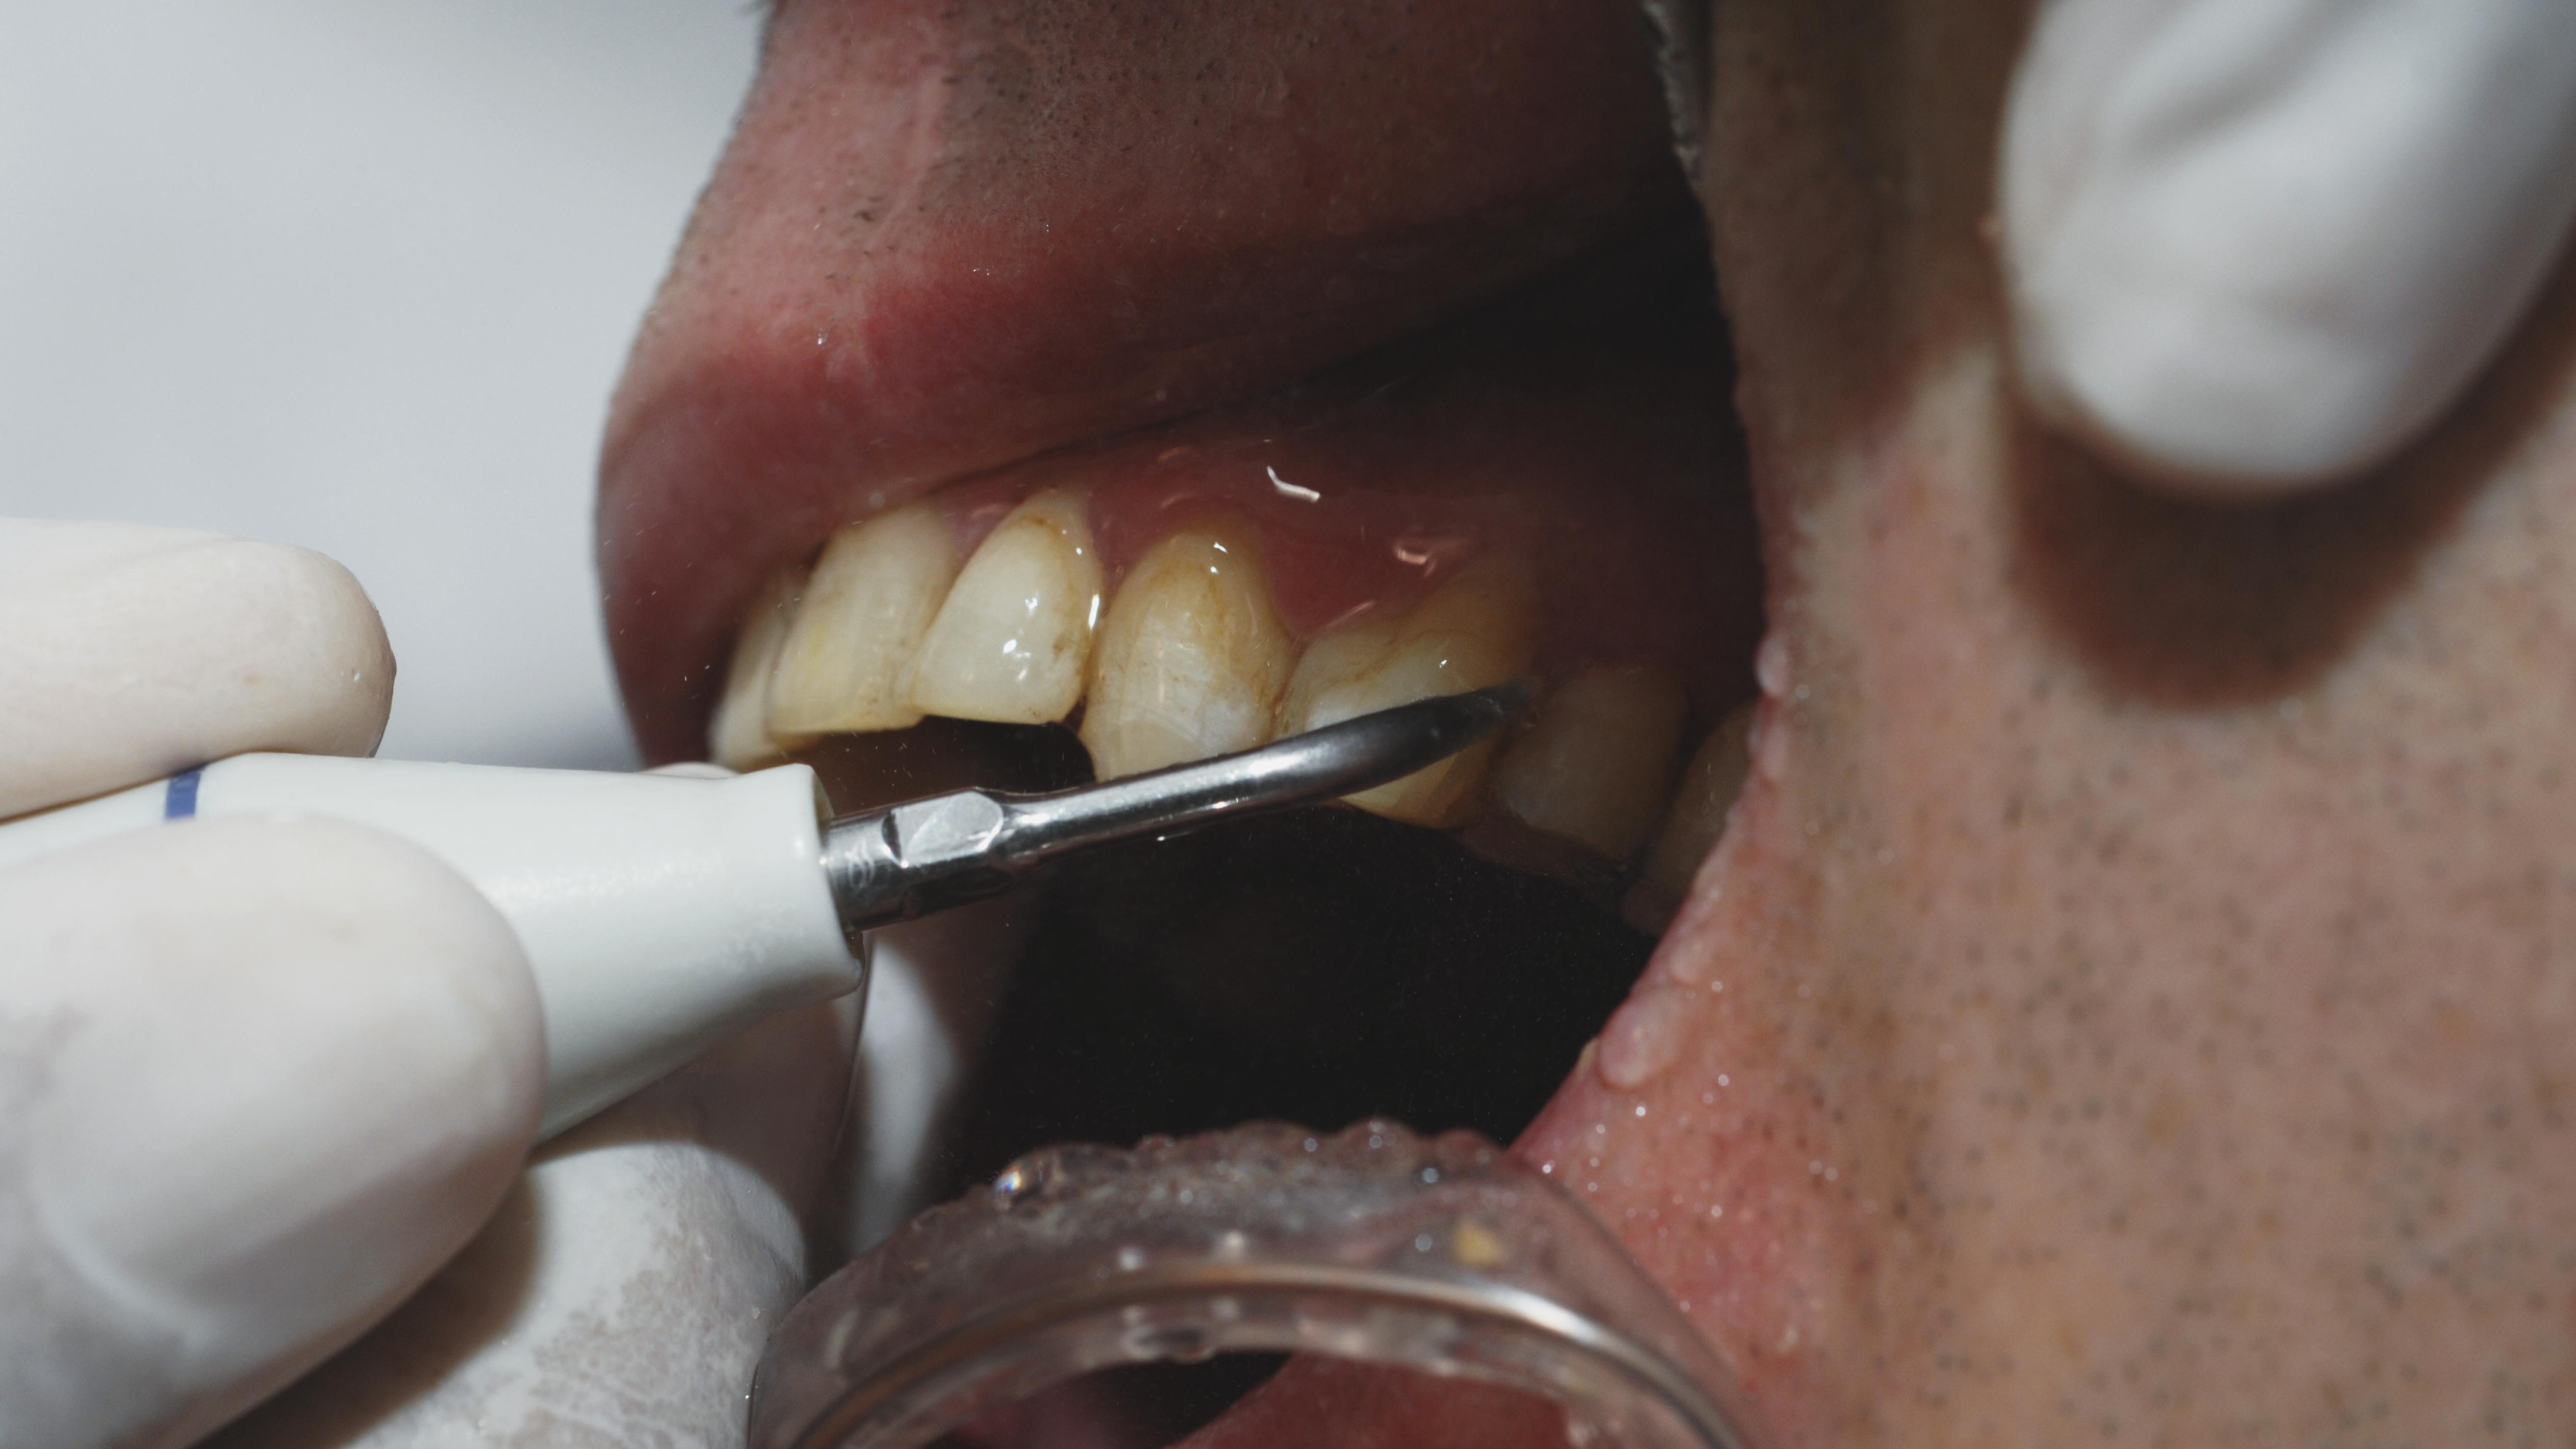 Snimci čišćenja zuba su istovremeno odvratni i umirujući